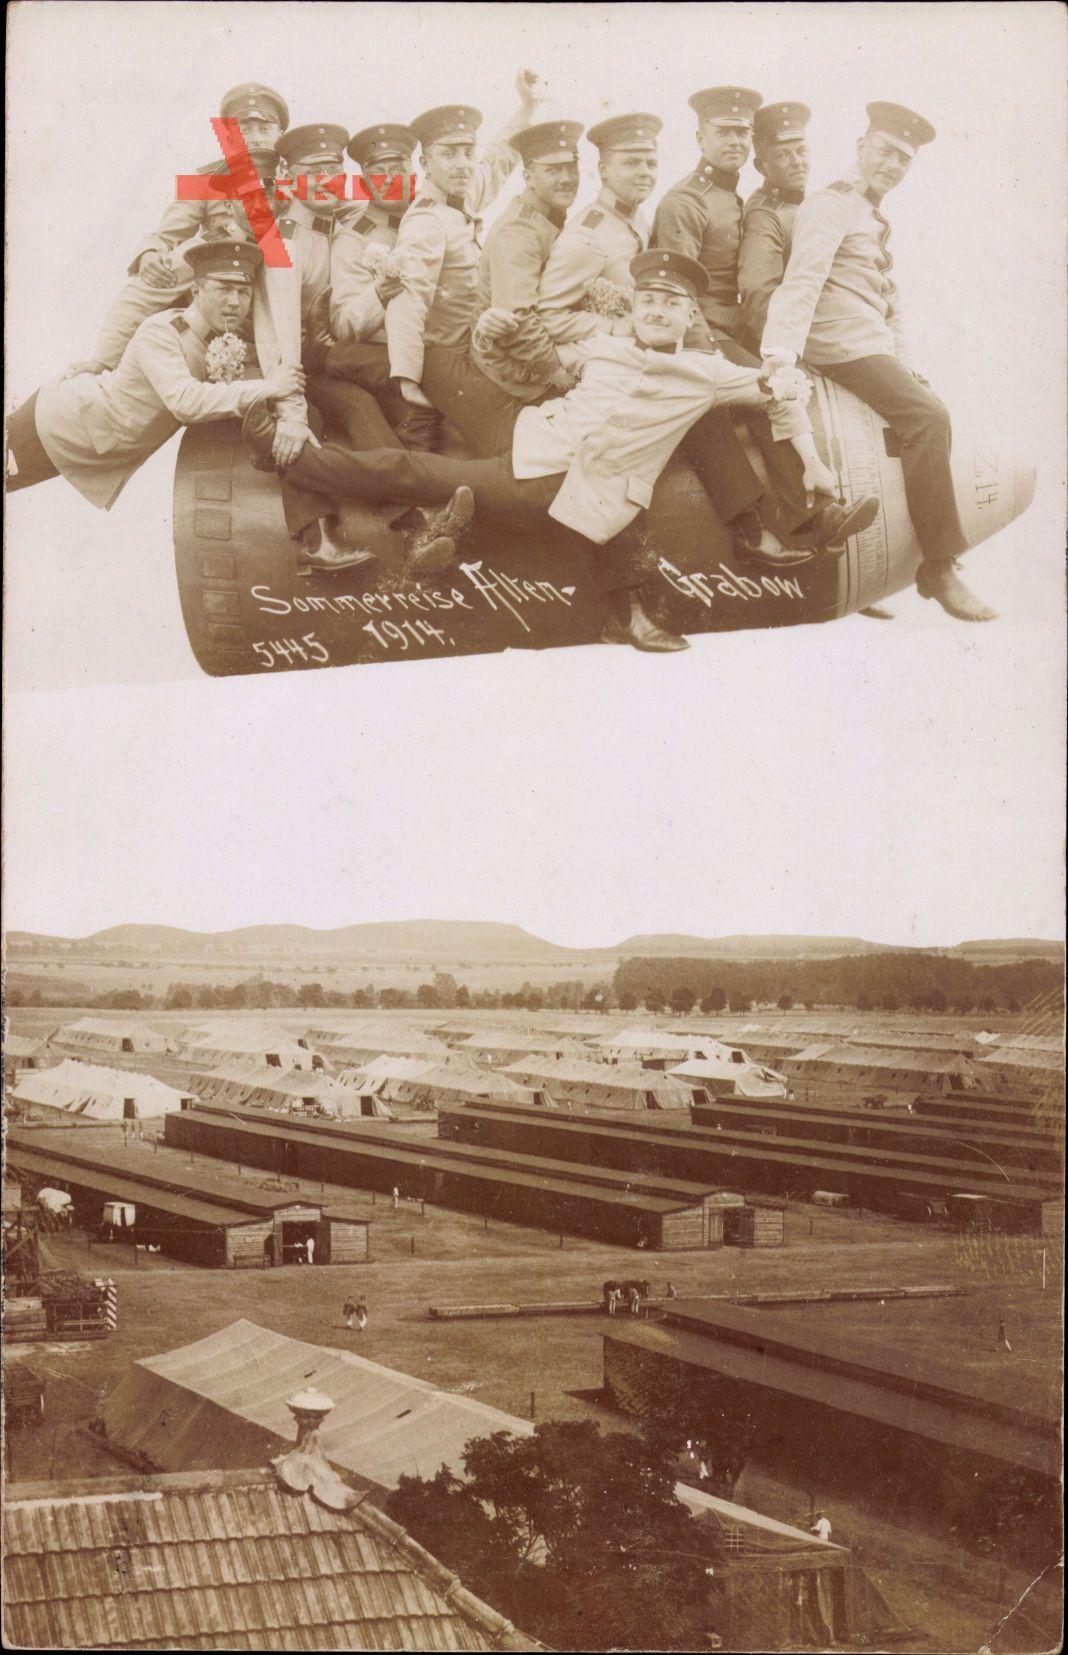 Altengrabow Möckern in Sachsen Anhalt, Soldaten auf Projektil, Fotomontage von 1914